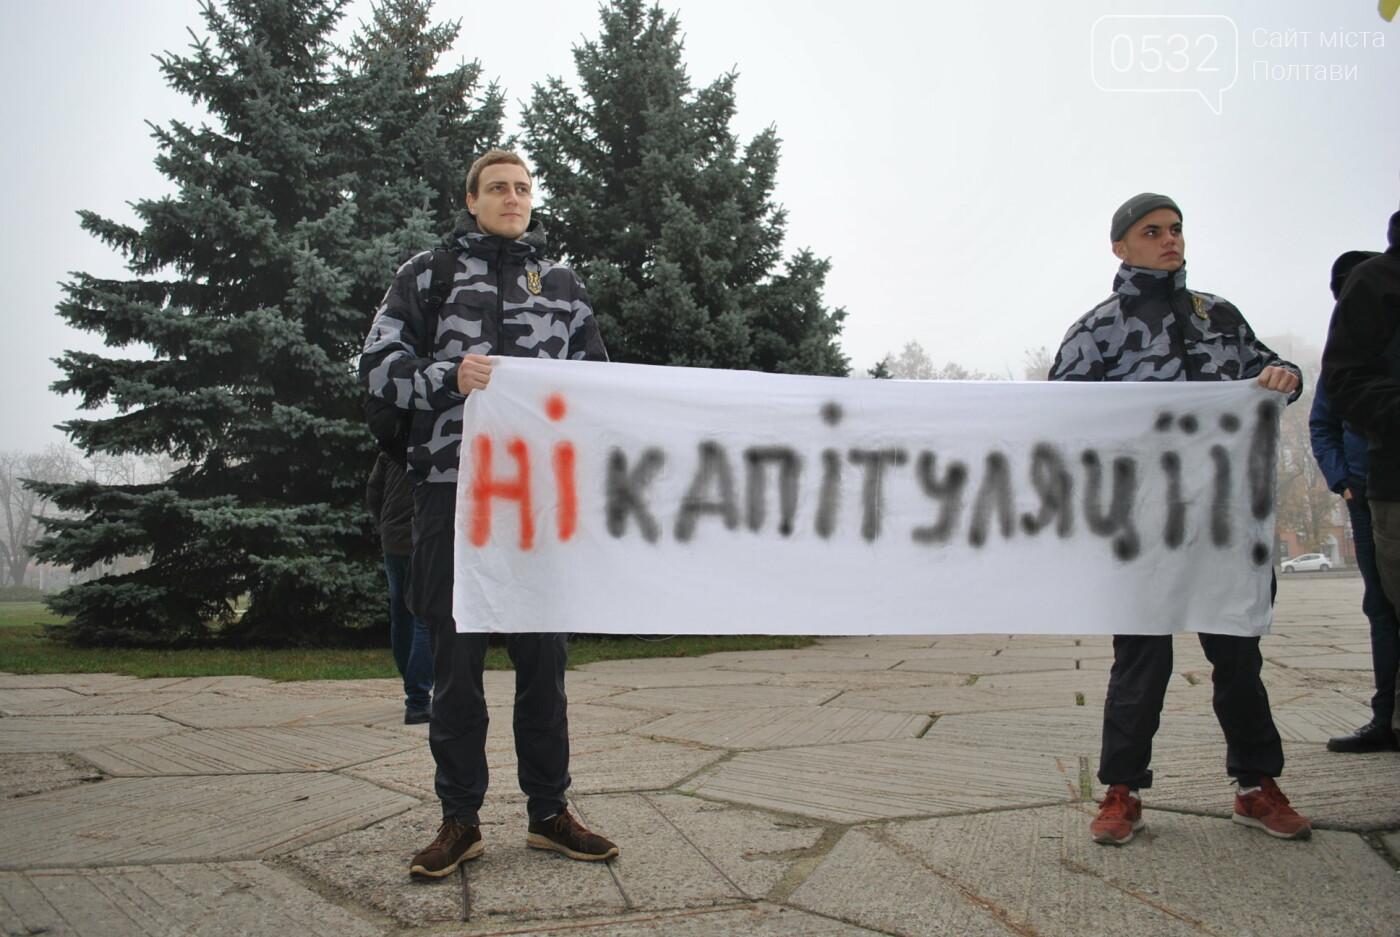 У Полтаві акція «Ні капітуляції!» зібрала більше журналістів, ніж протестувальників (ФОТО), фото-1